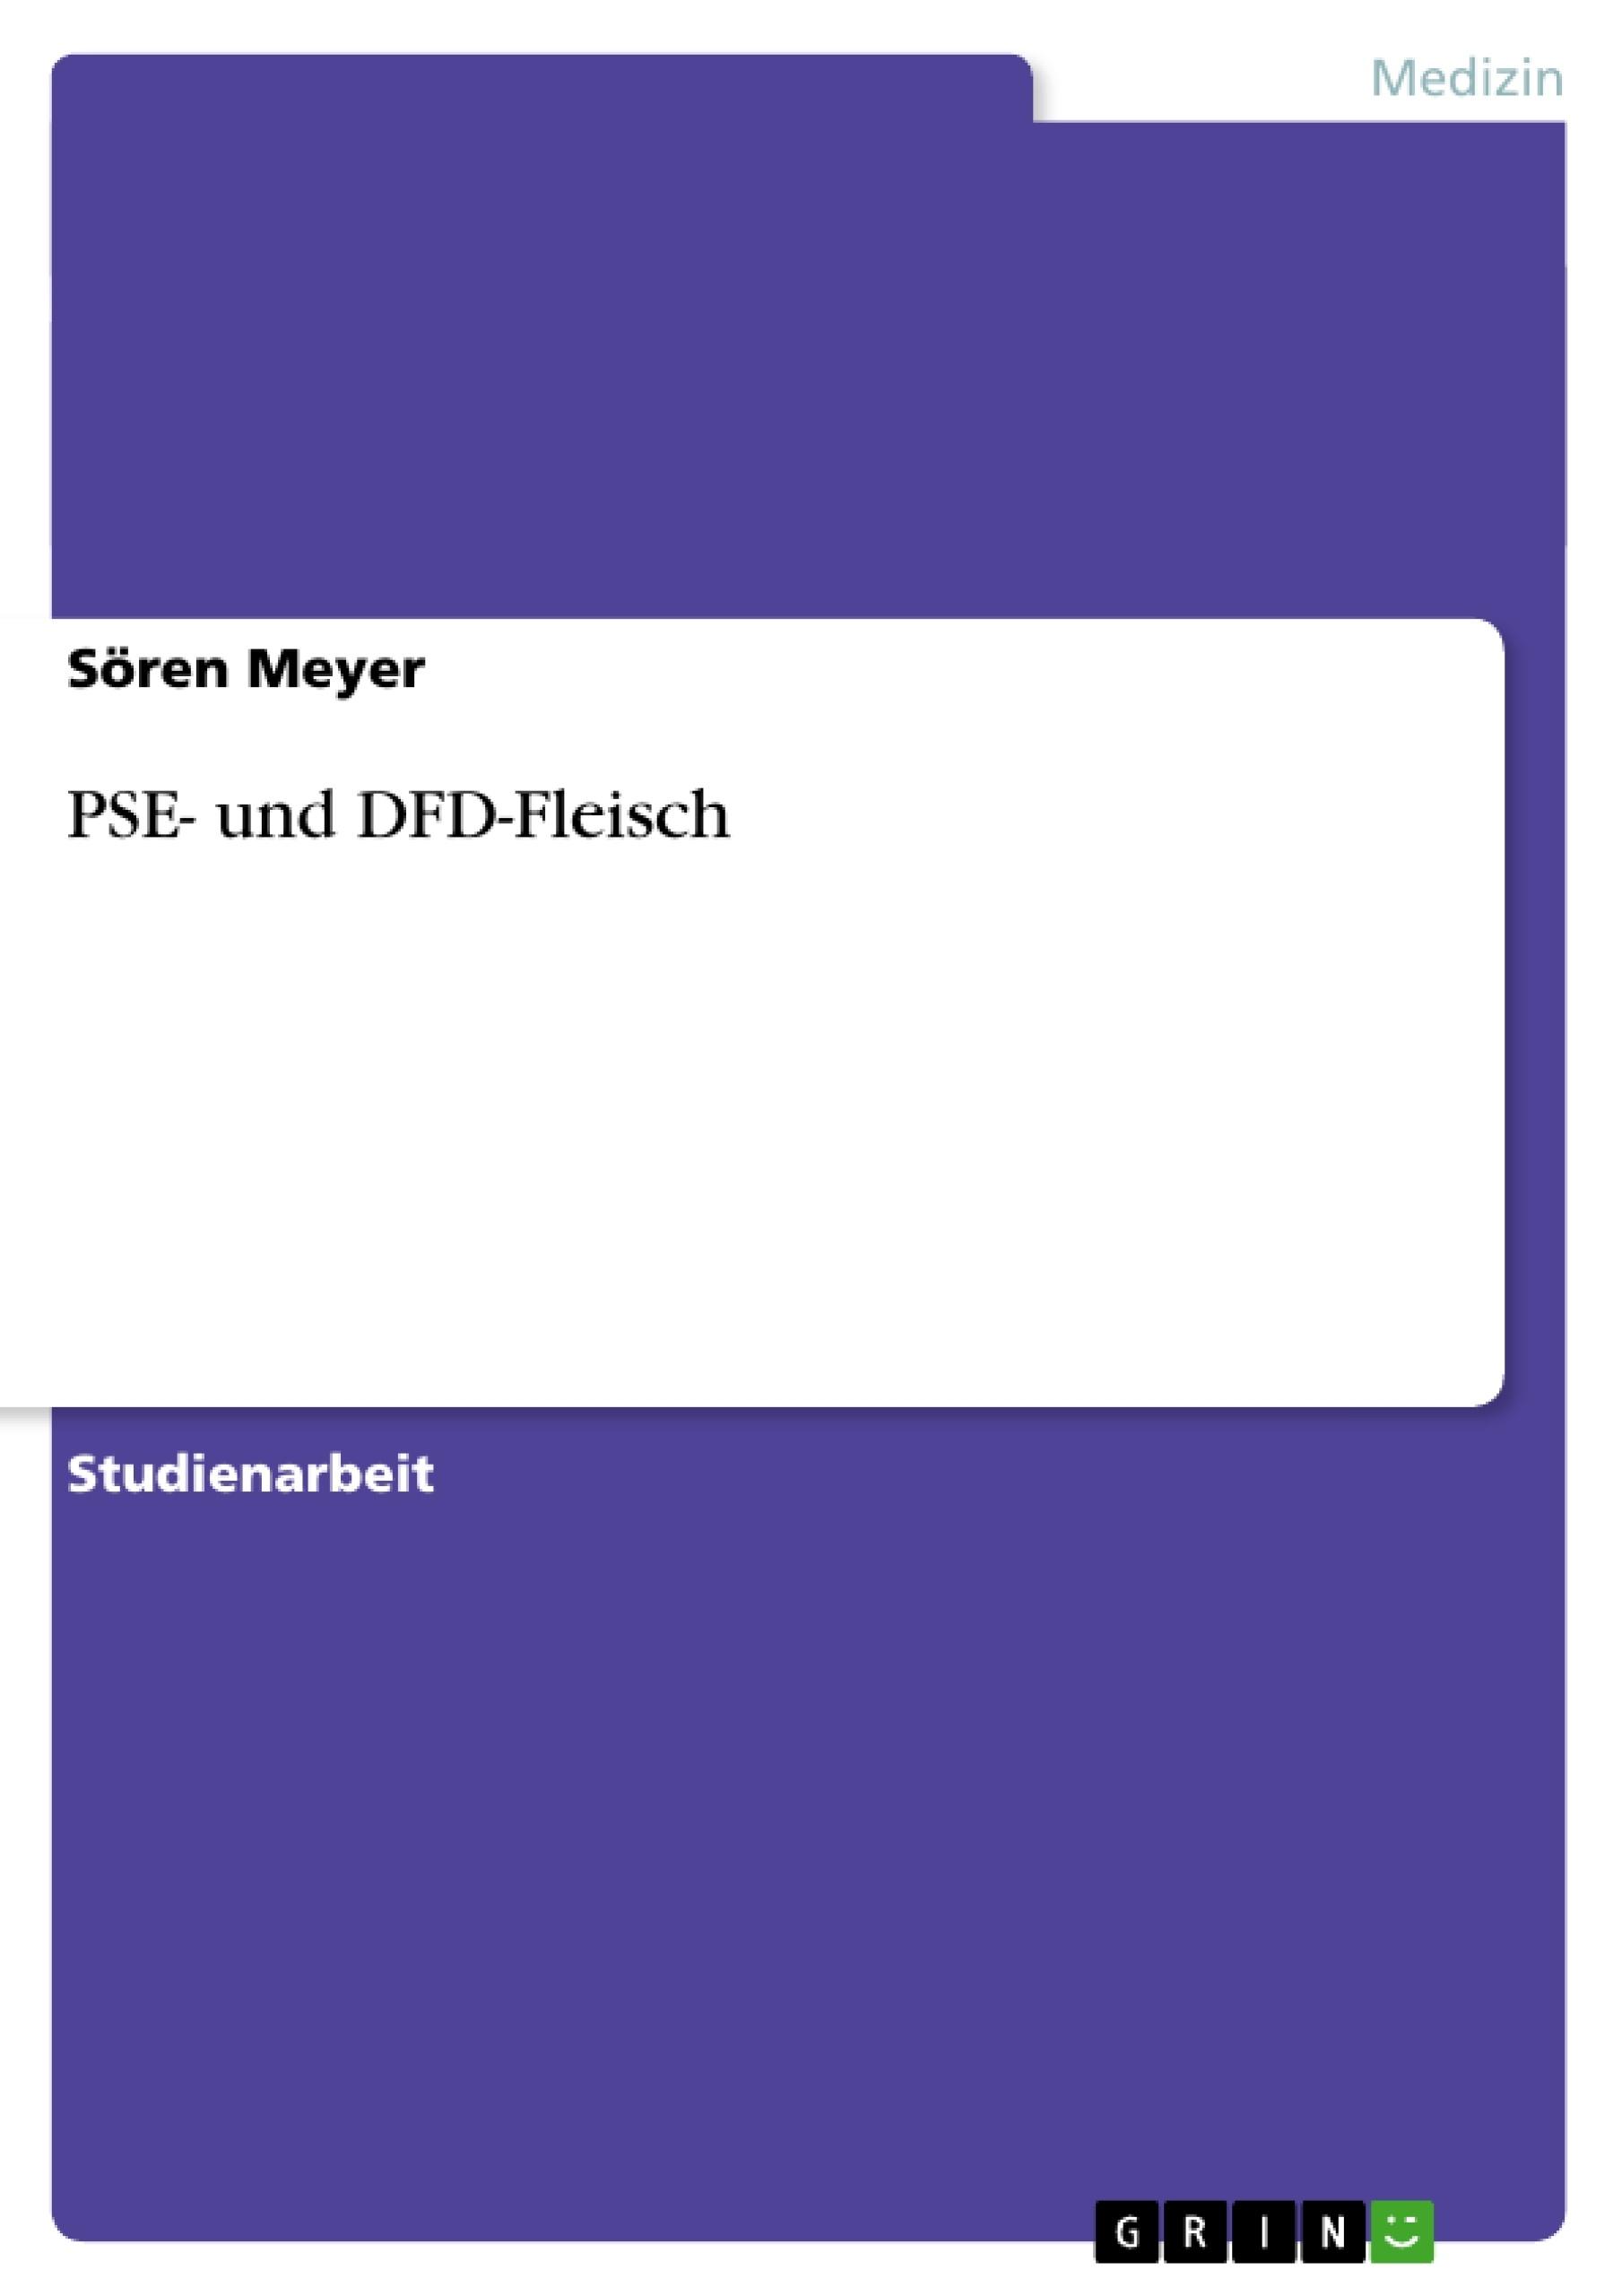 Titel: PSE- und DFD-Fleisch